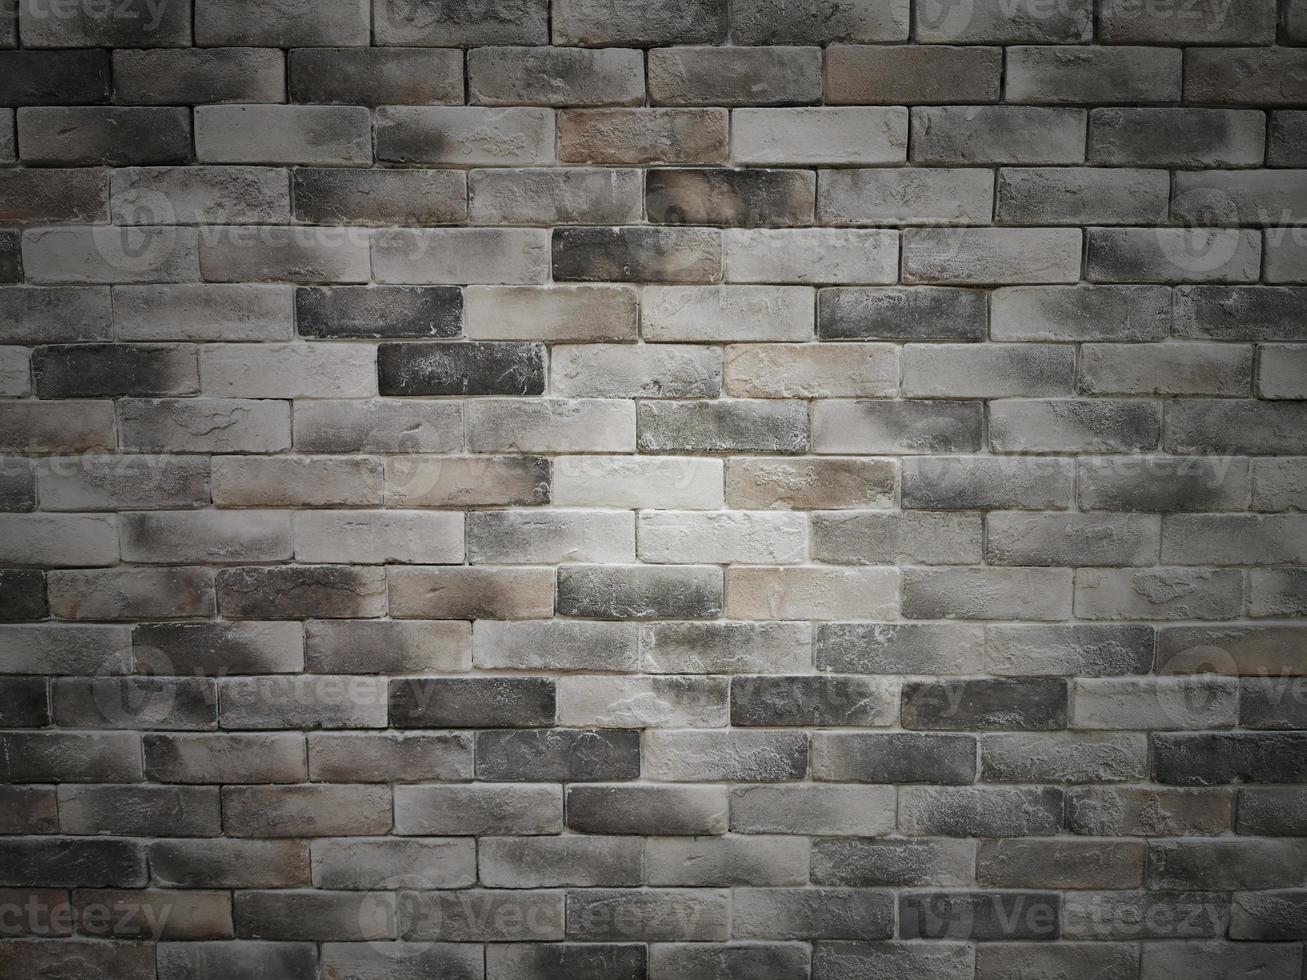 mörk tegel cement textur vägg bakgrund foto